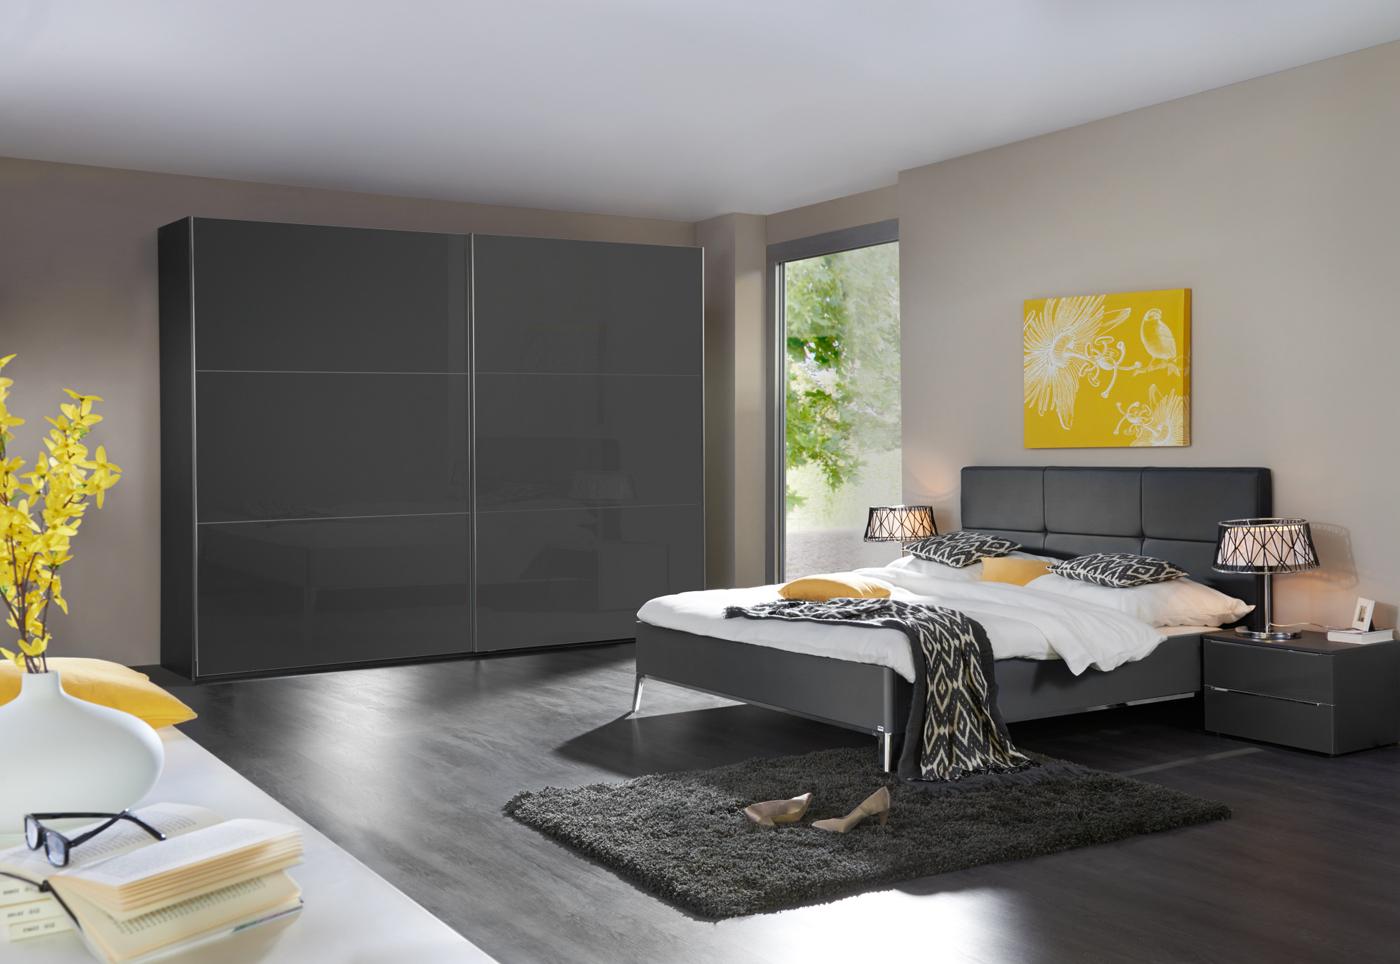 Slaapkamer tokio herraets slapen for Verfkleuren slaapkamer